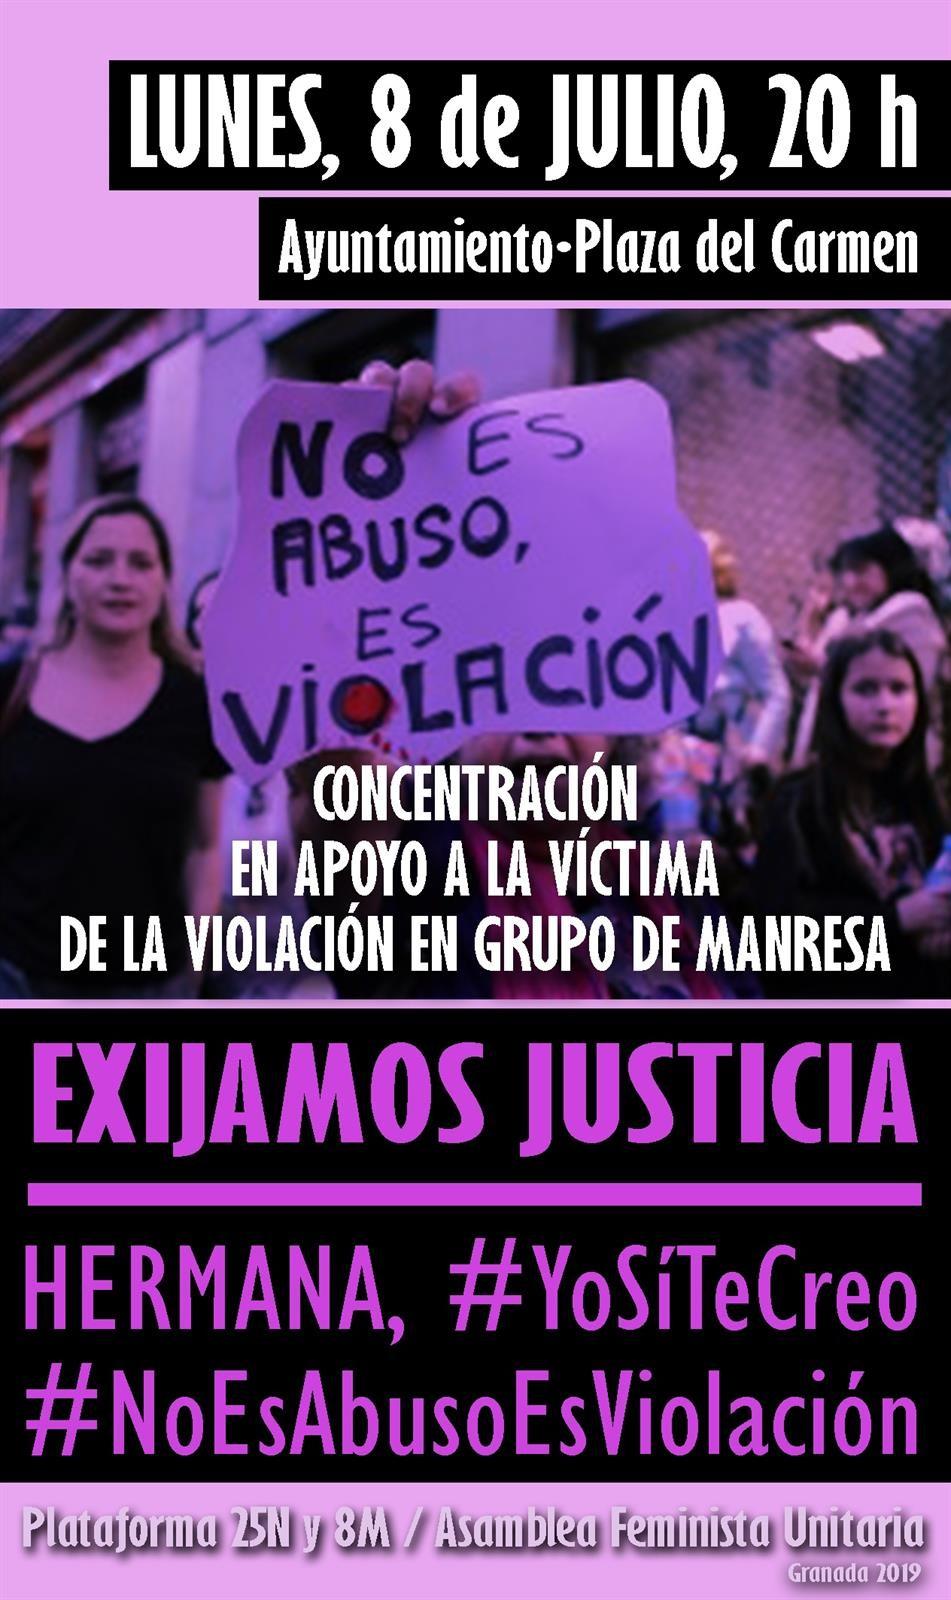 Asociaciones feministas convocan una concentración en Granada en apoyo a la víctima de Manresa